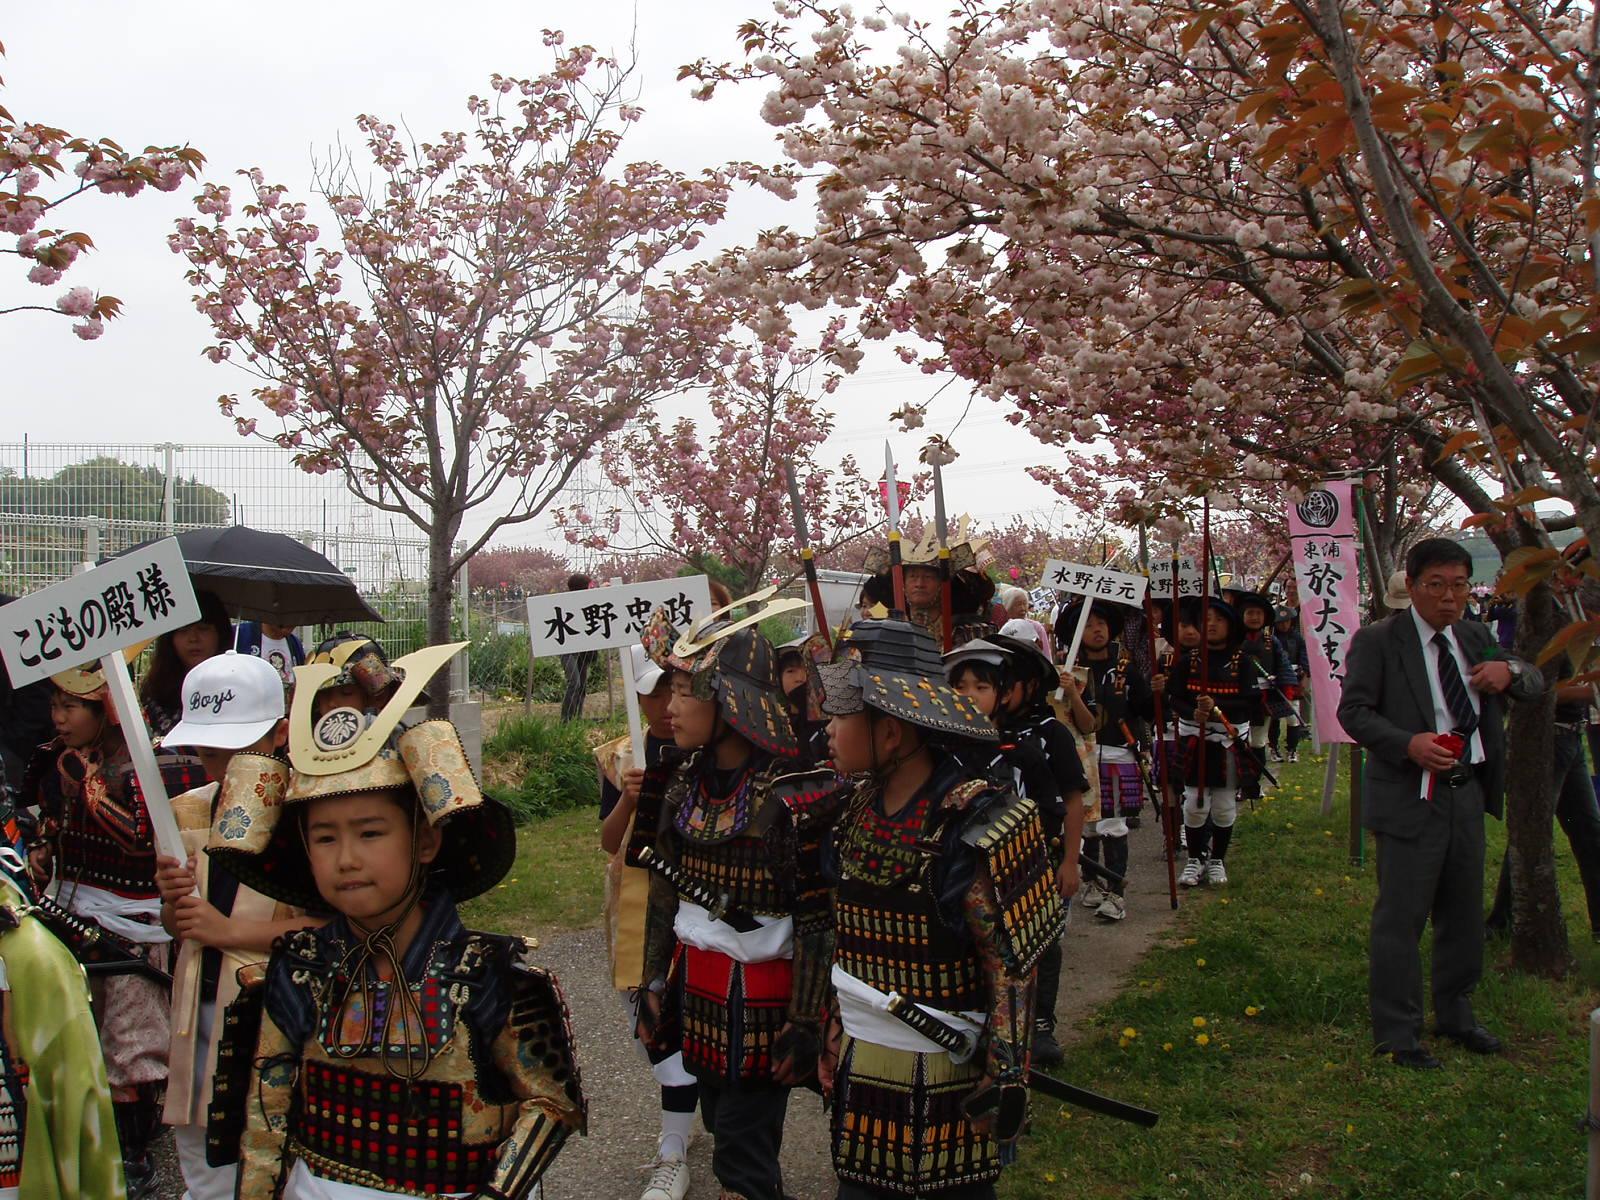 【Event】第19回東浦町 於大まつり_e0144936_1217561.jpg